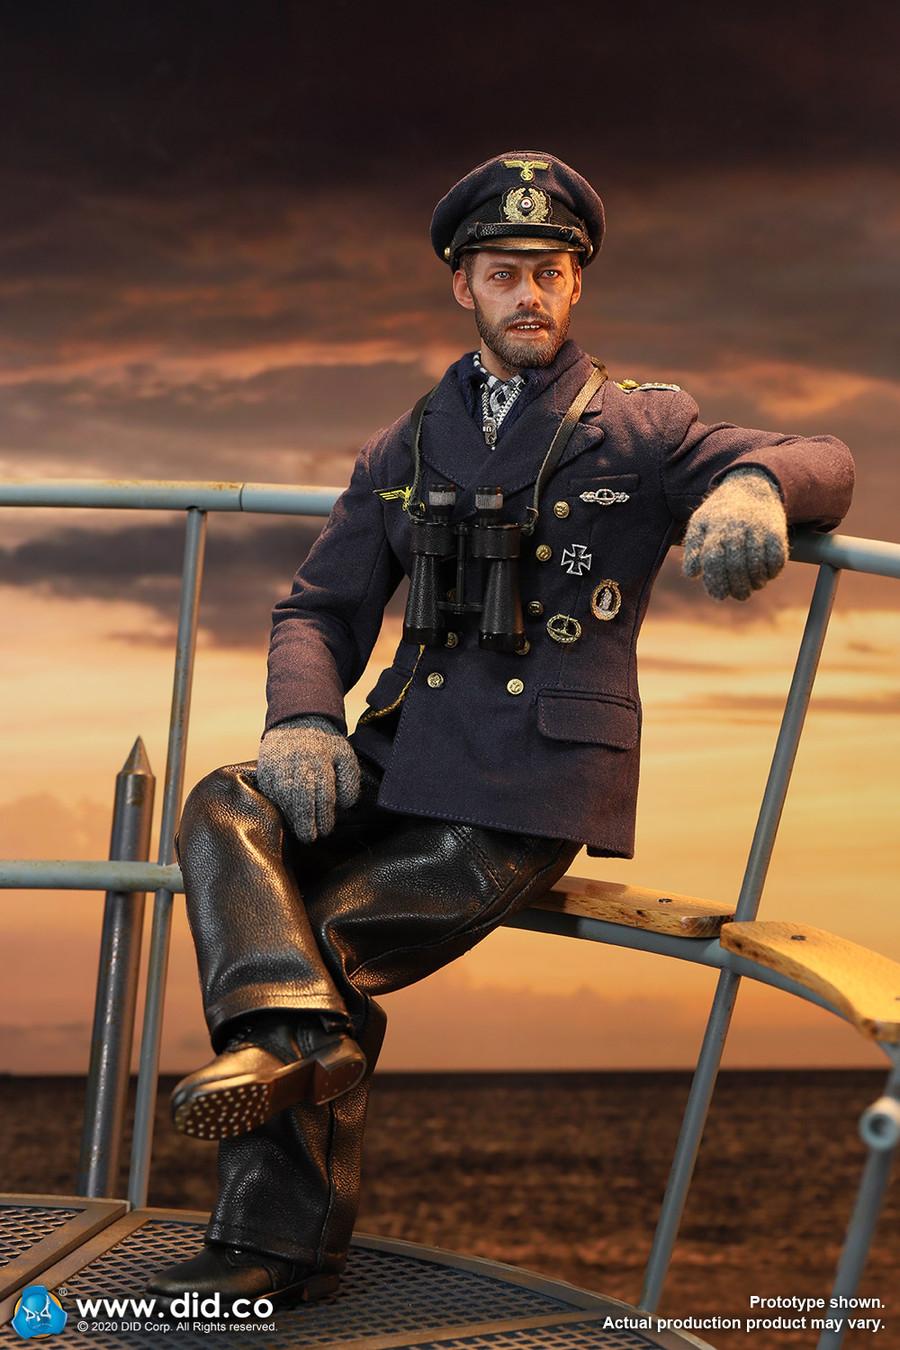 DID - WWII German U-Boat Stabsober Mechaniker Stabsbootsmann - Johann